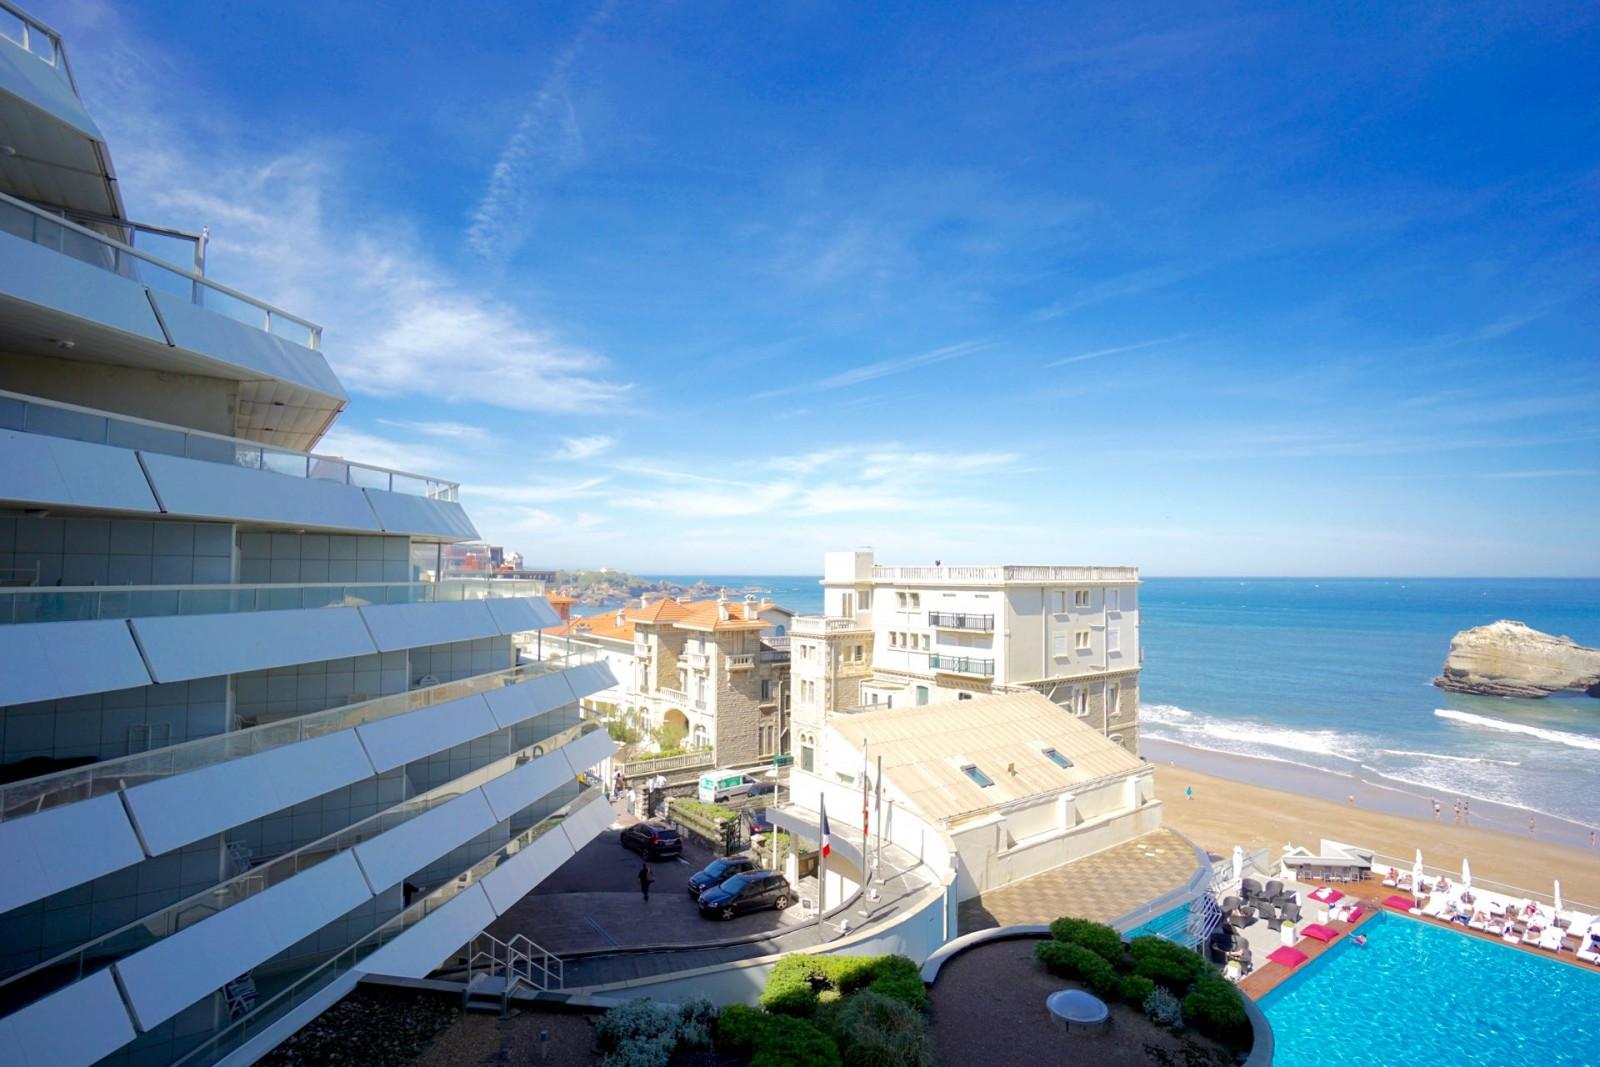 Location Vacances T Biarritz Centre Ville